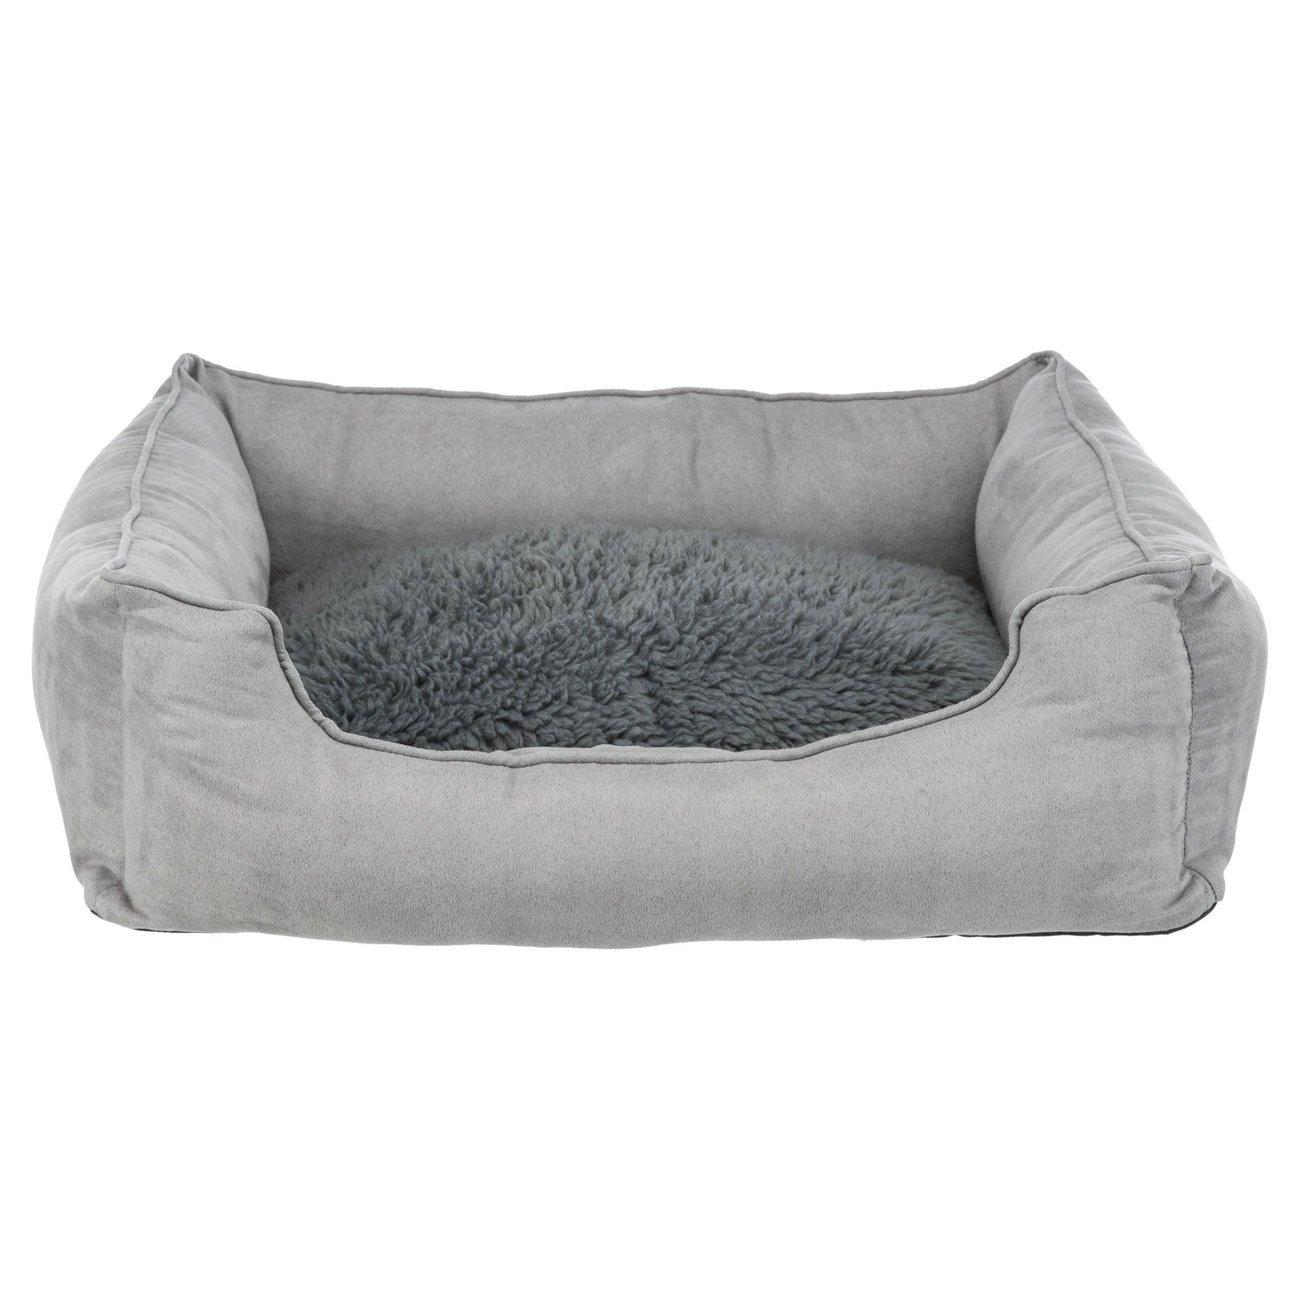 TRIXIE Wärmebett für Hunde Fendro 37517, Bild 2